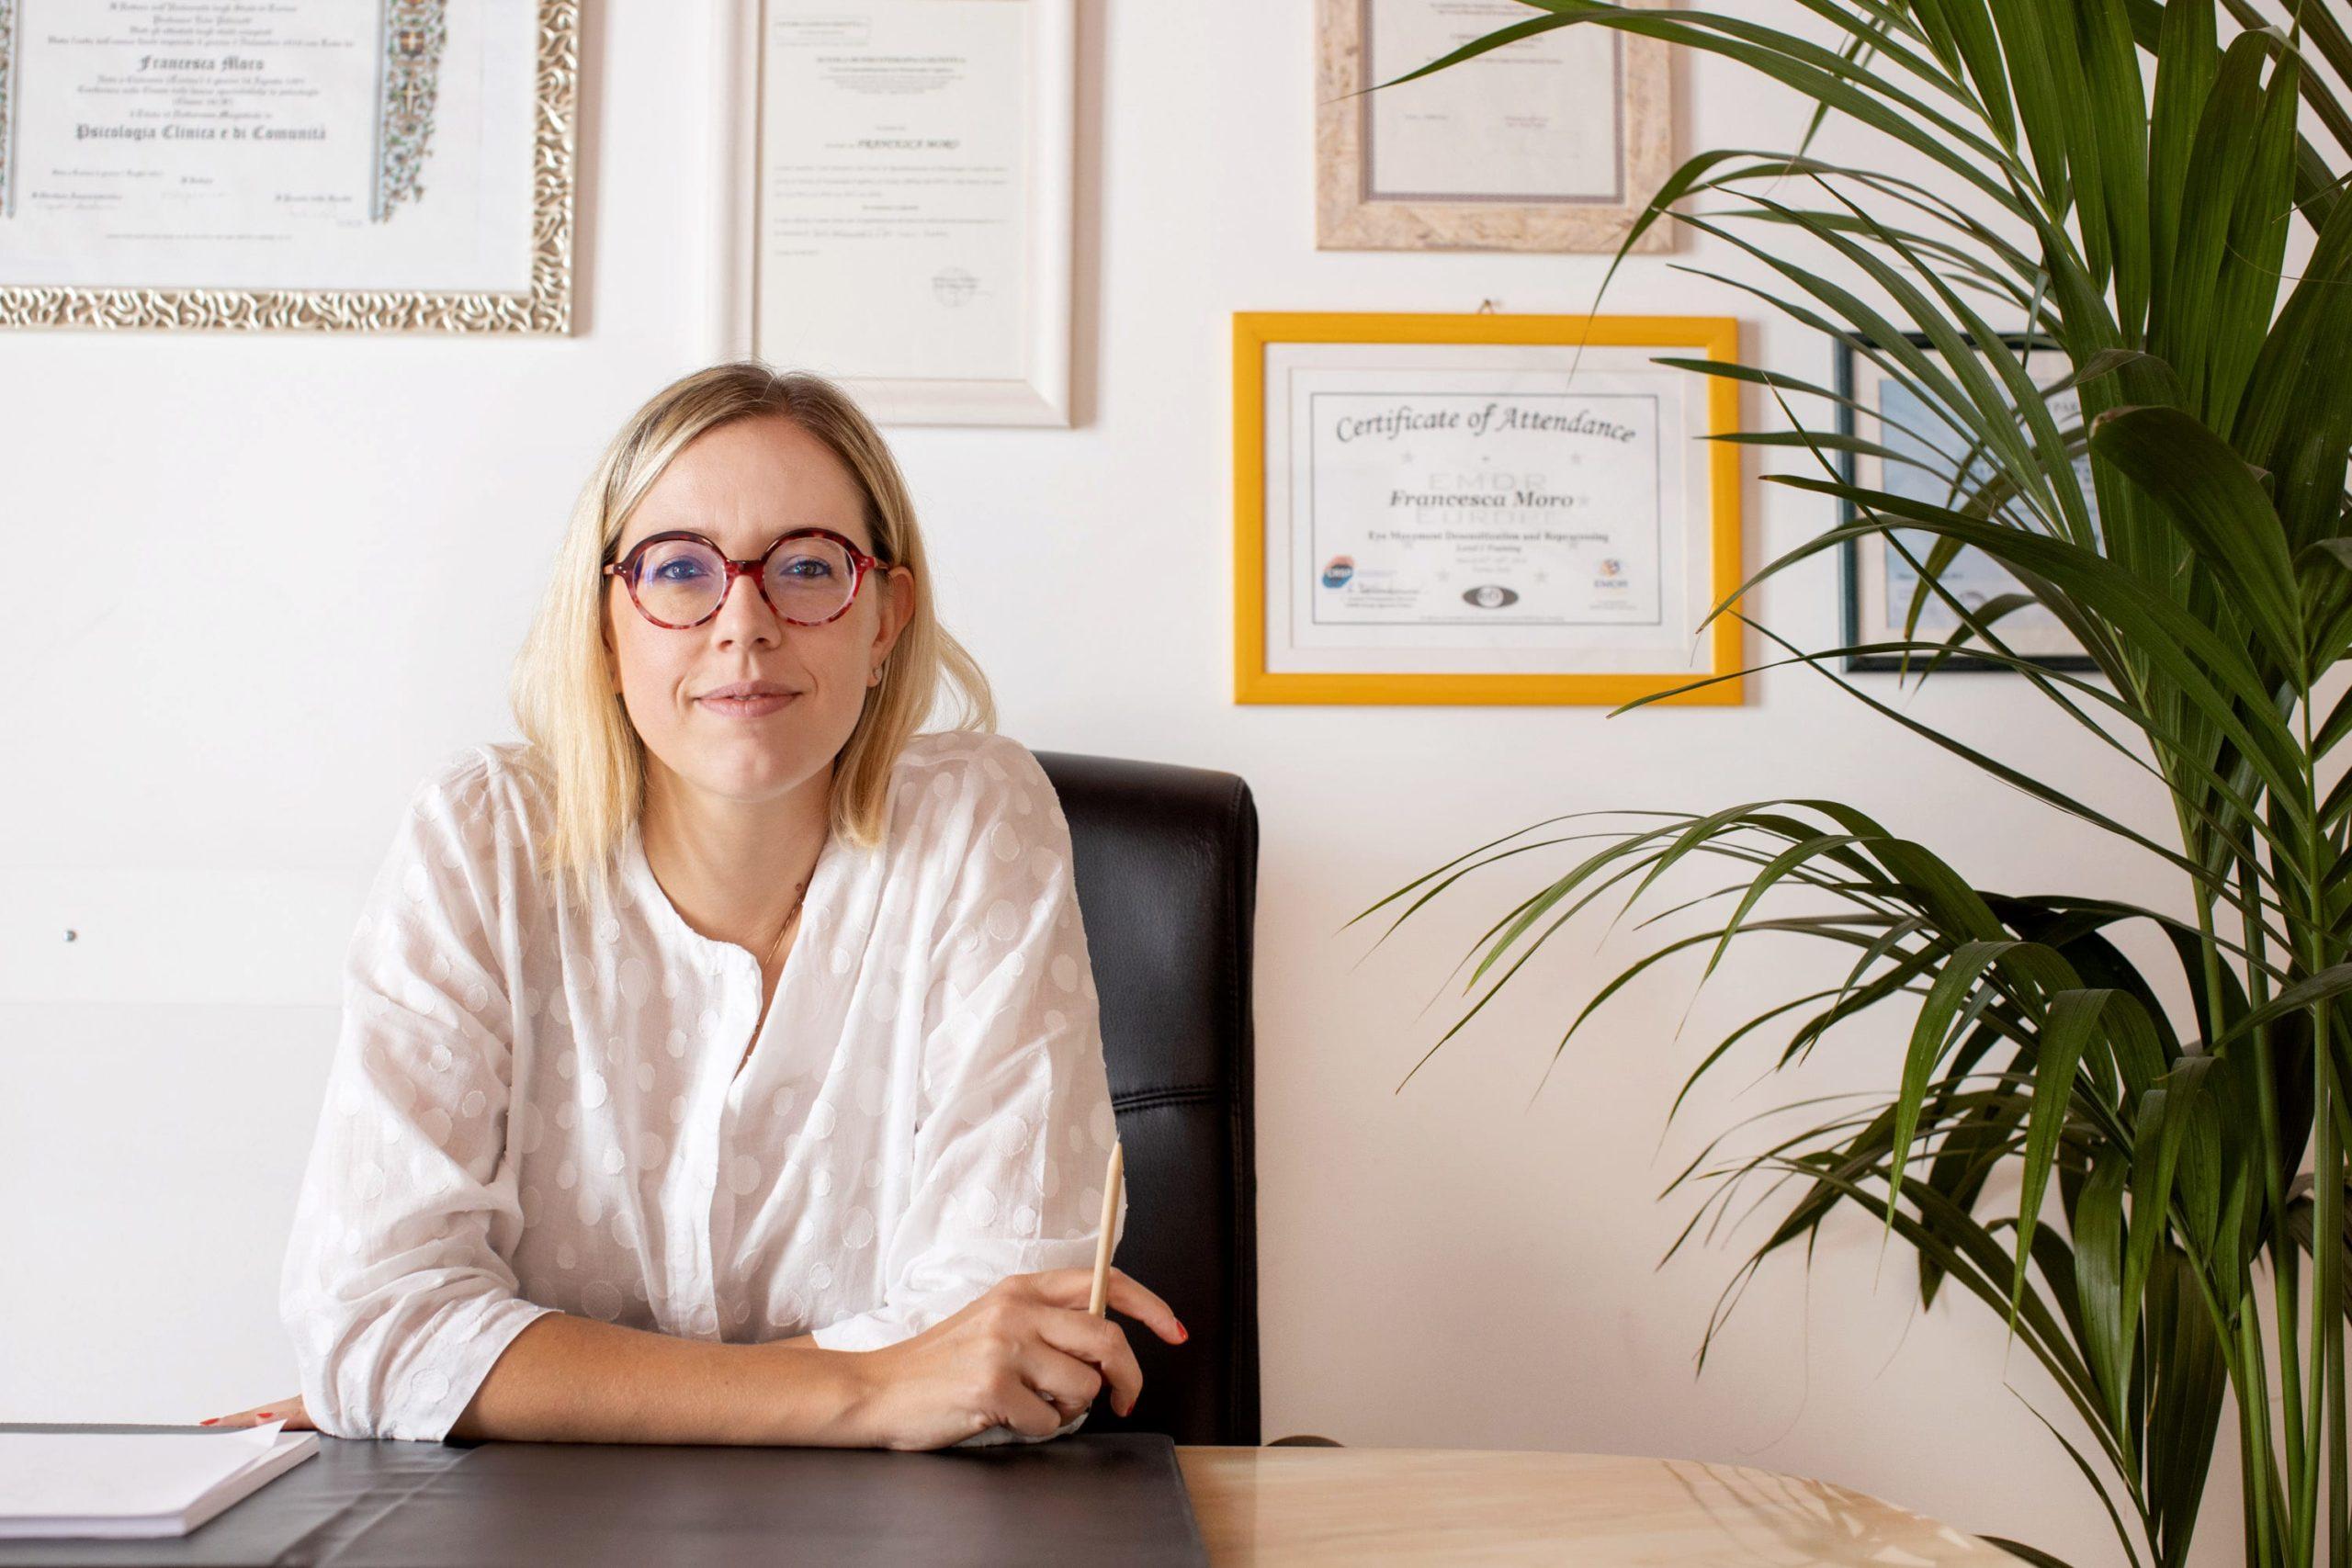 Dott.ssa Francesca Moro, Psicologa e Psicoterapeuta Cognitiva